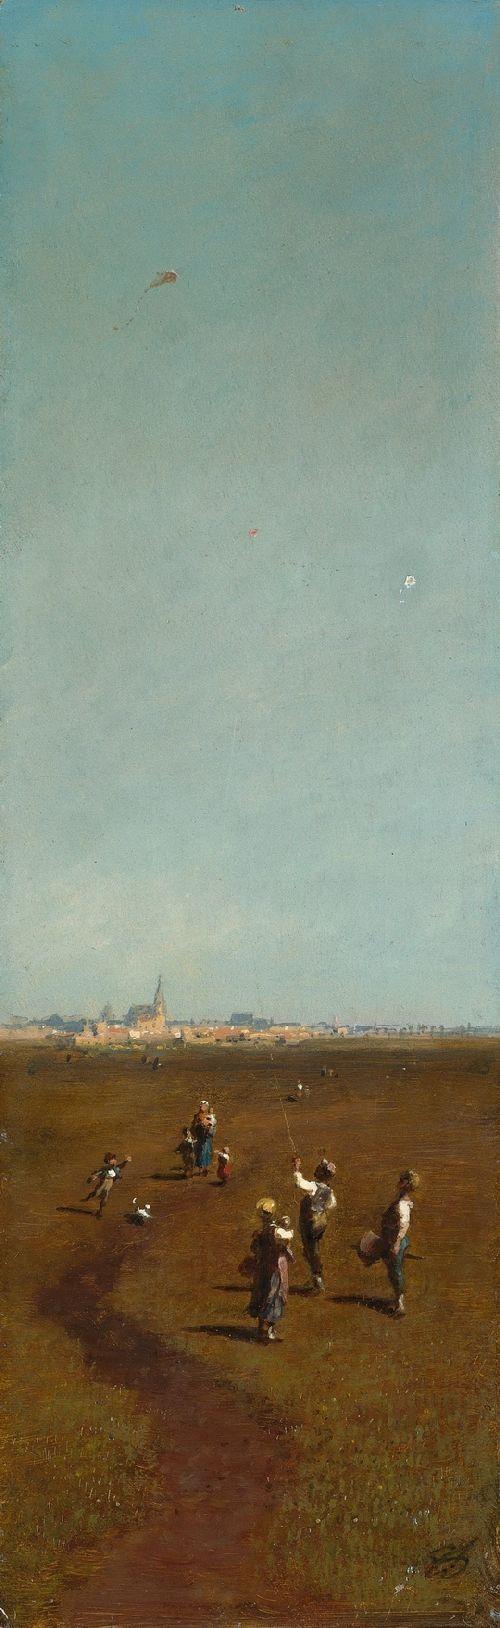 Flying Kites - Carl Spitzweg